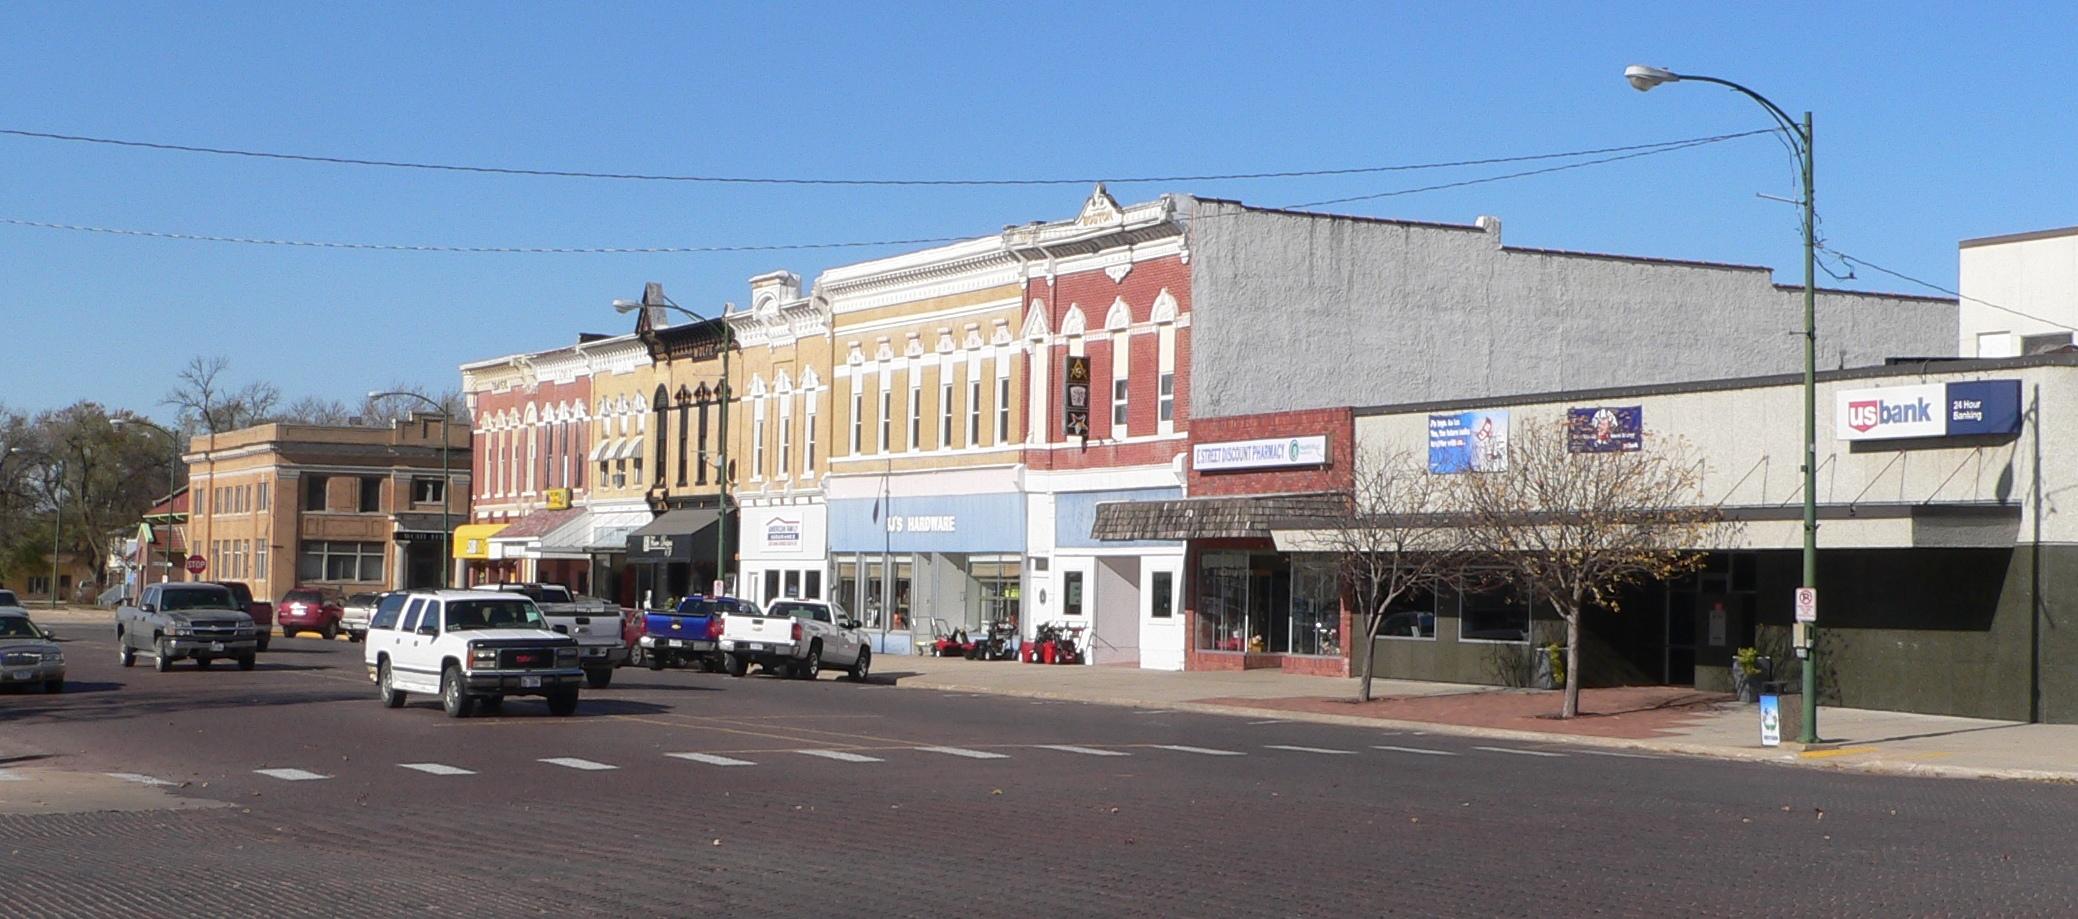 North Platte Ne Food Places